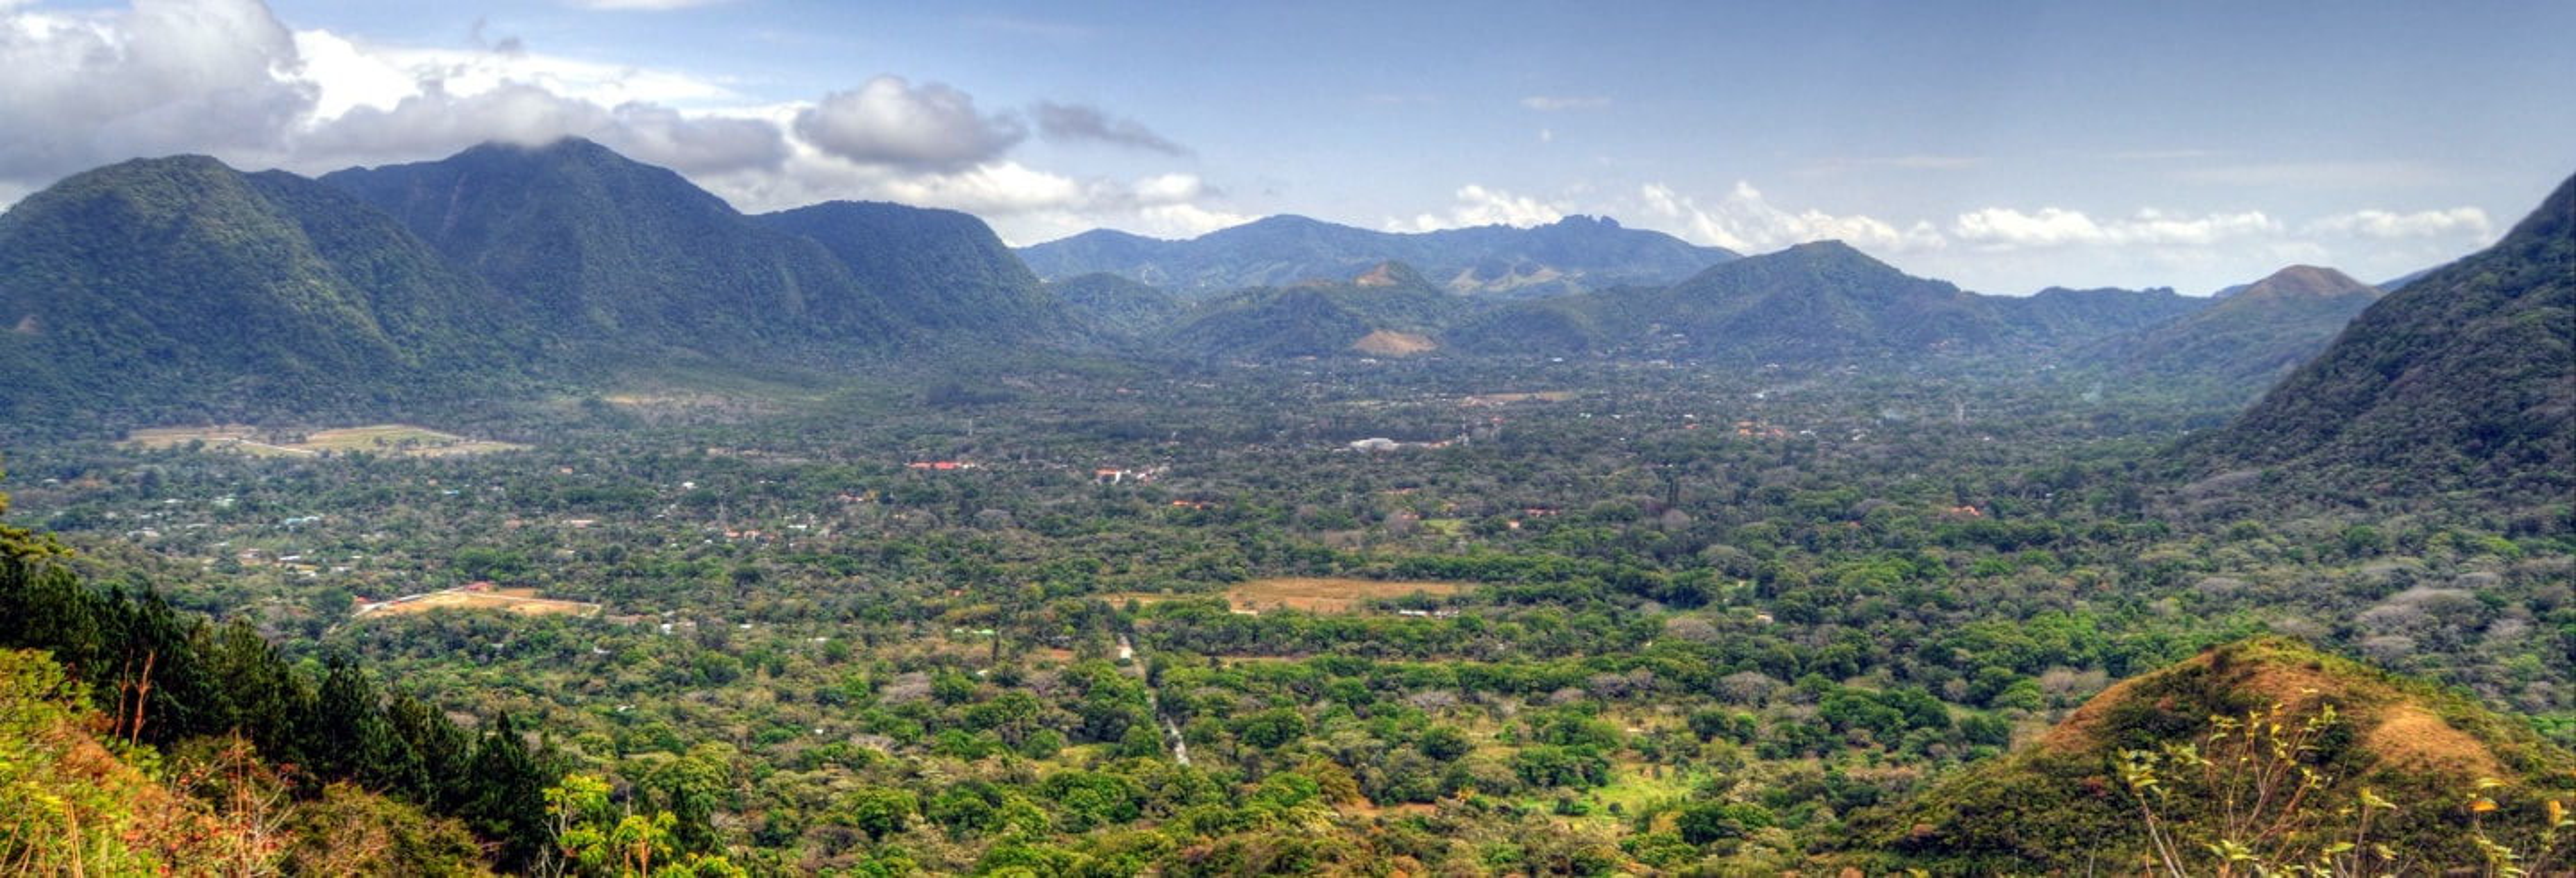 Excursão ao Valle de Antón